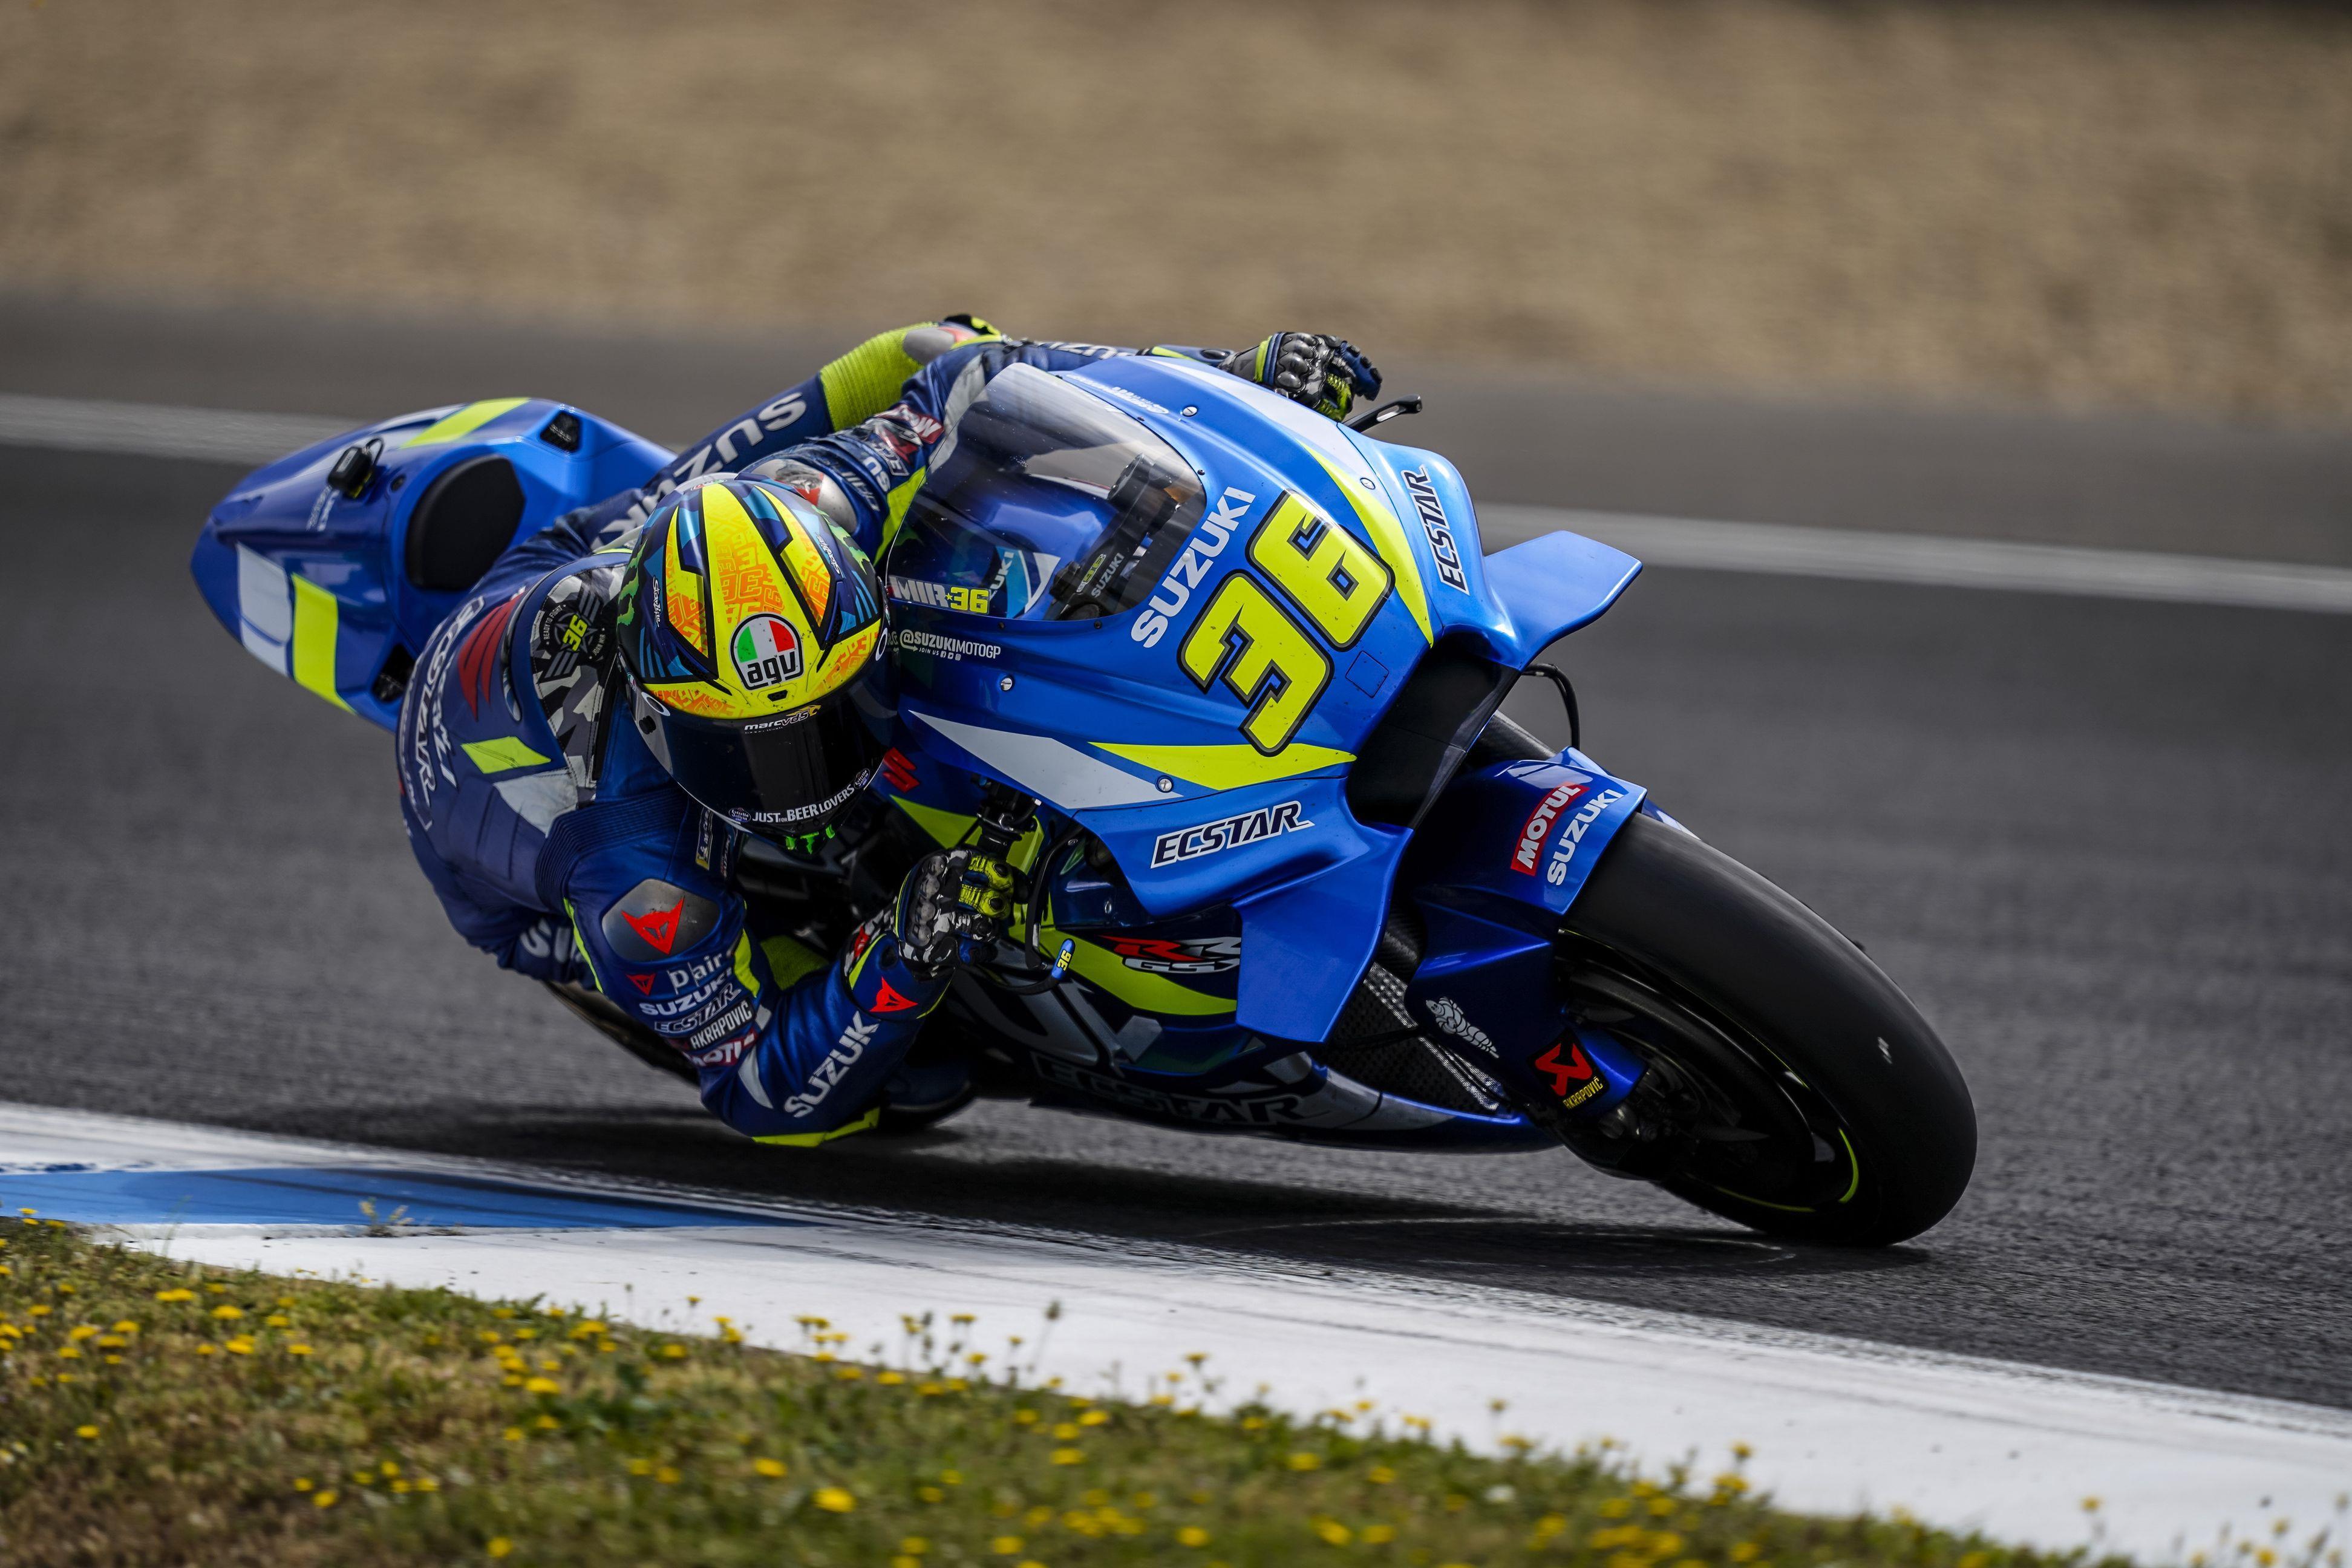 MotoGP2019ヘレステスト 6番手ミル「色々な内容をテストすることが出来た」